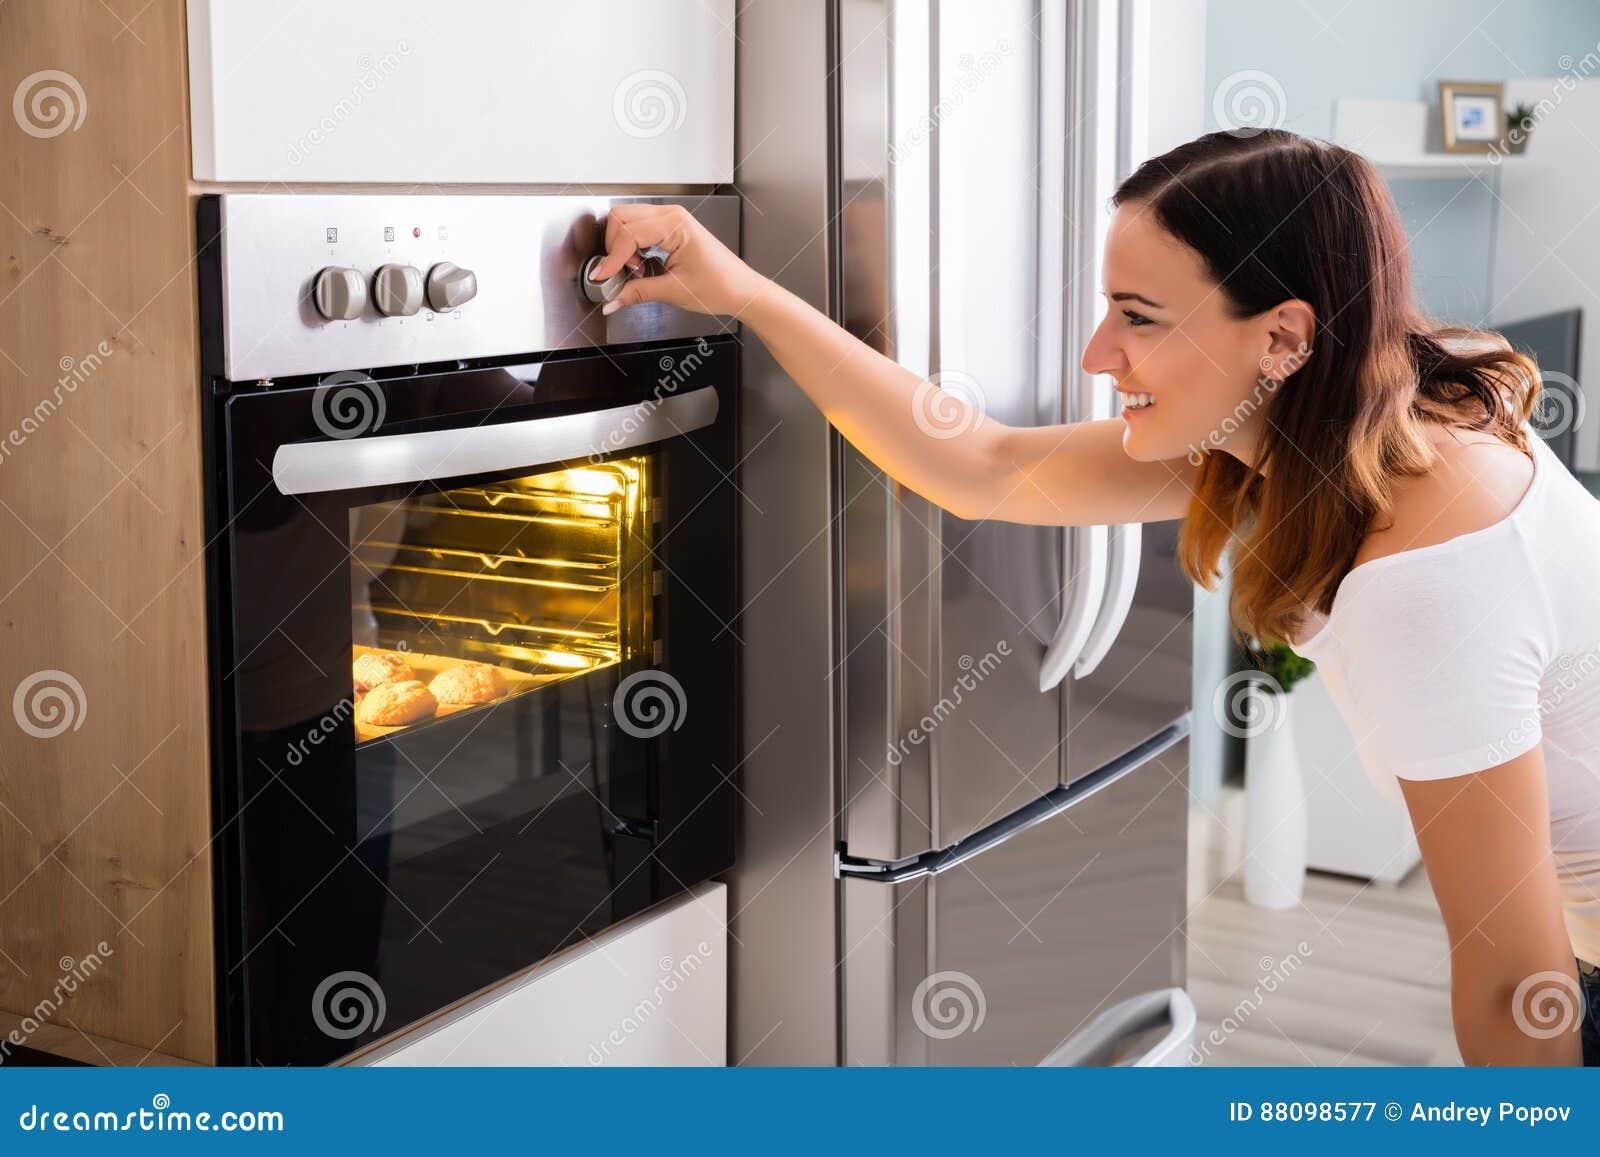 使用微波炉的妇女在厨房